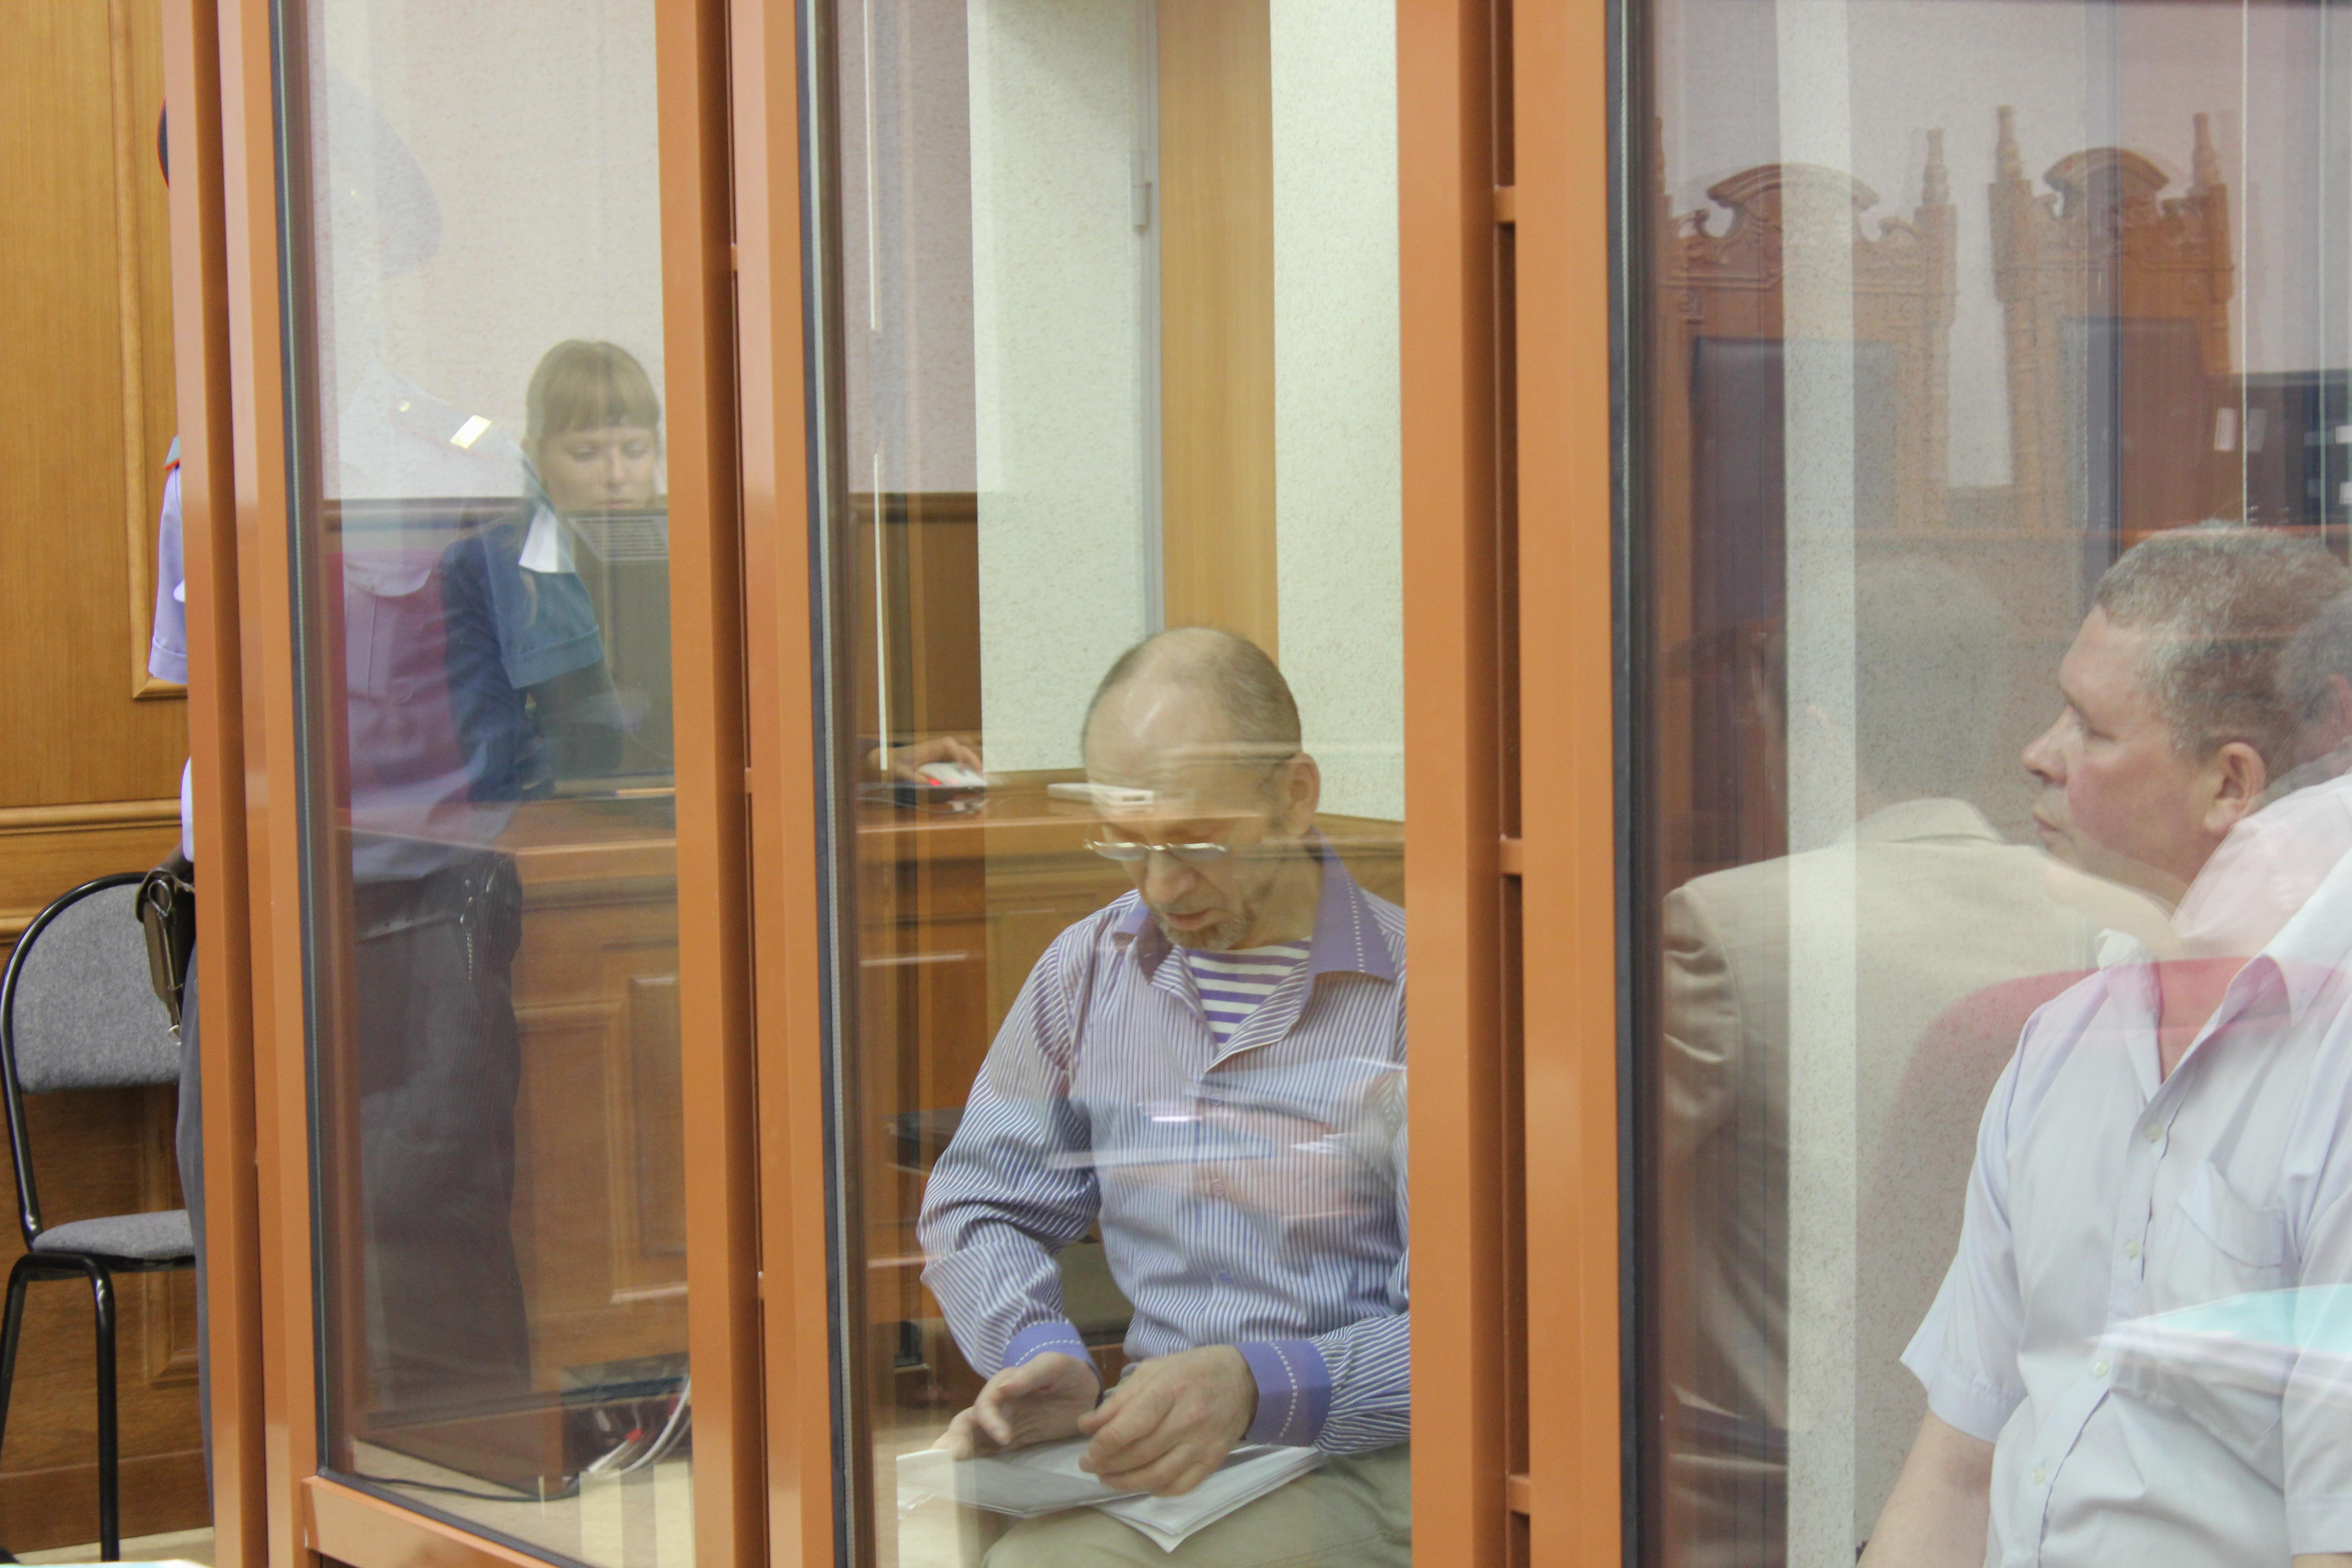 Хабаров приостановил судебный процесс по делу о вооруженном мятеже